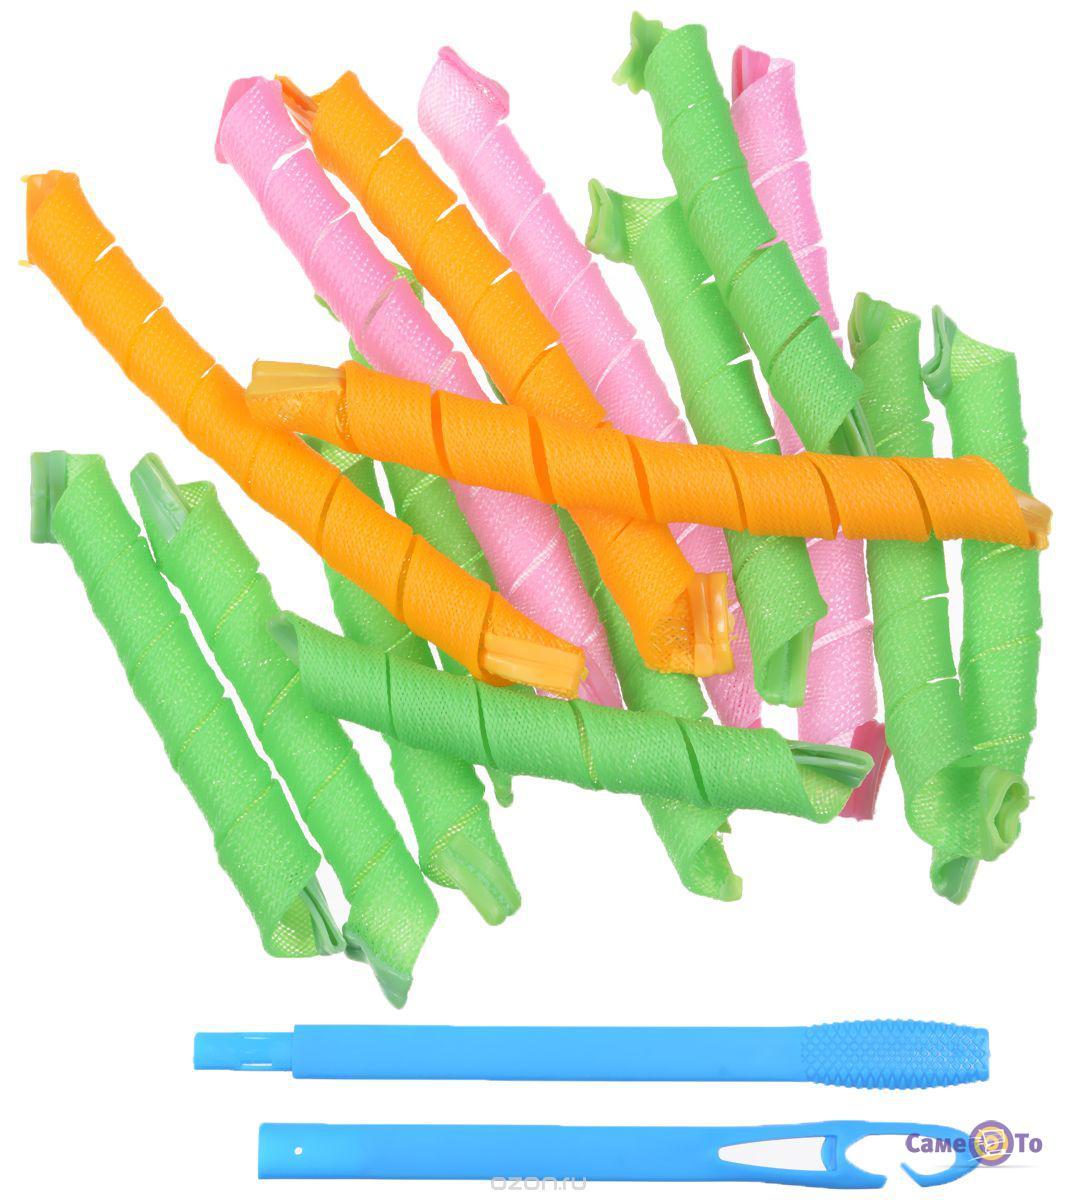 Бигуди спиральные Hair WavZ (Хейр Вейвз) 31-51 см., термобигуди для волос. Спиральки